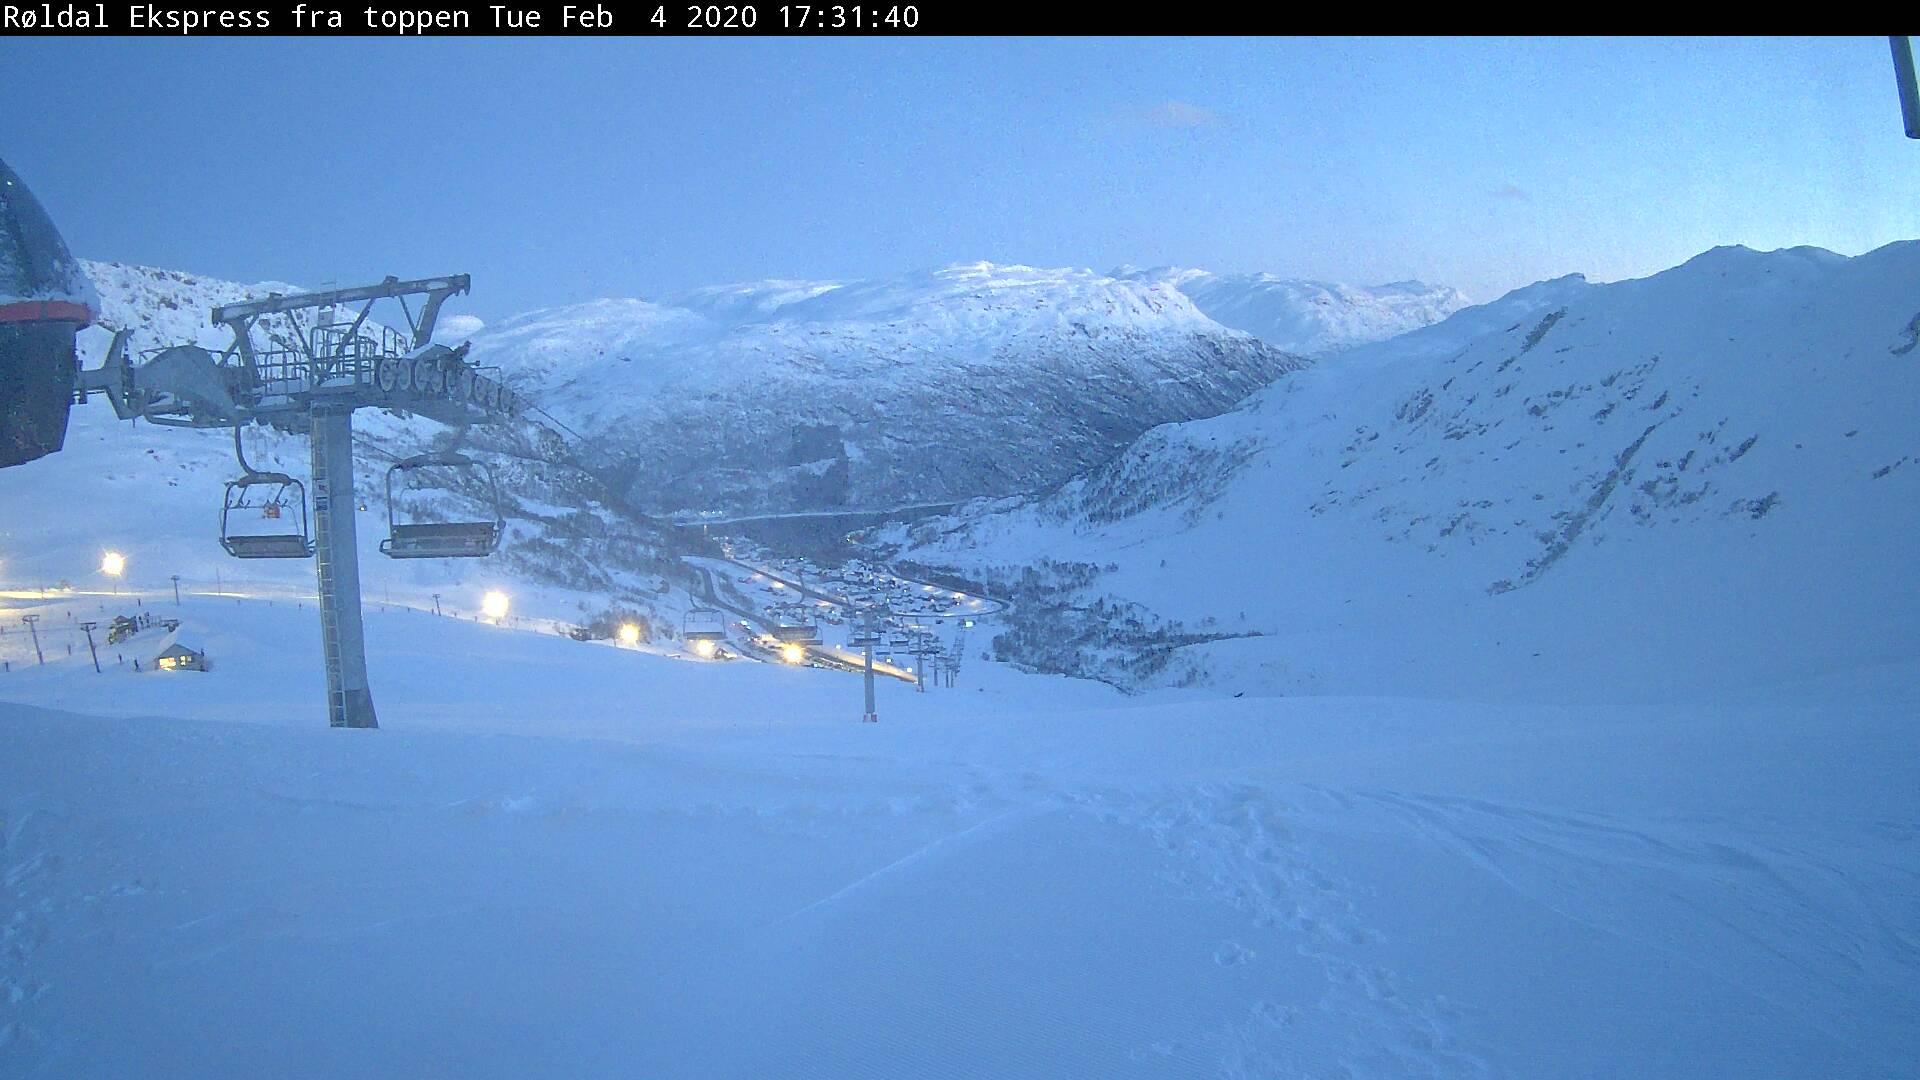 Røldal Skizentrum / Norwegen